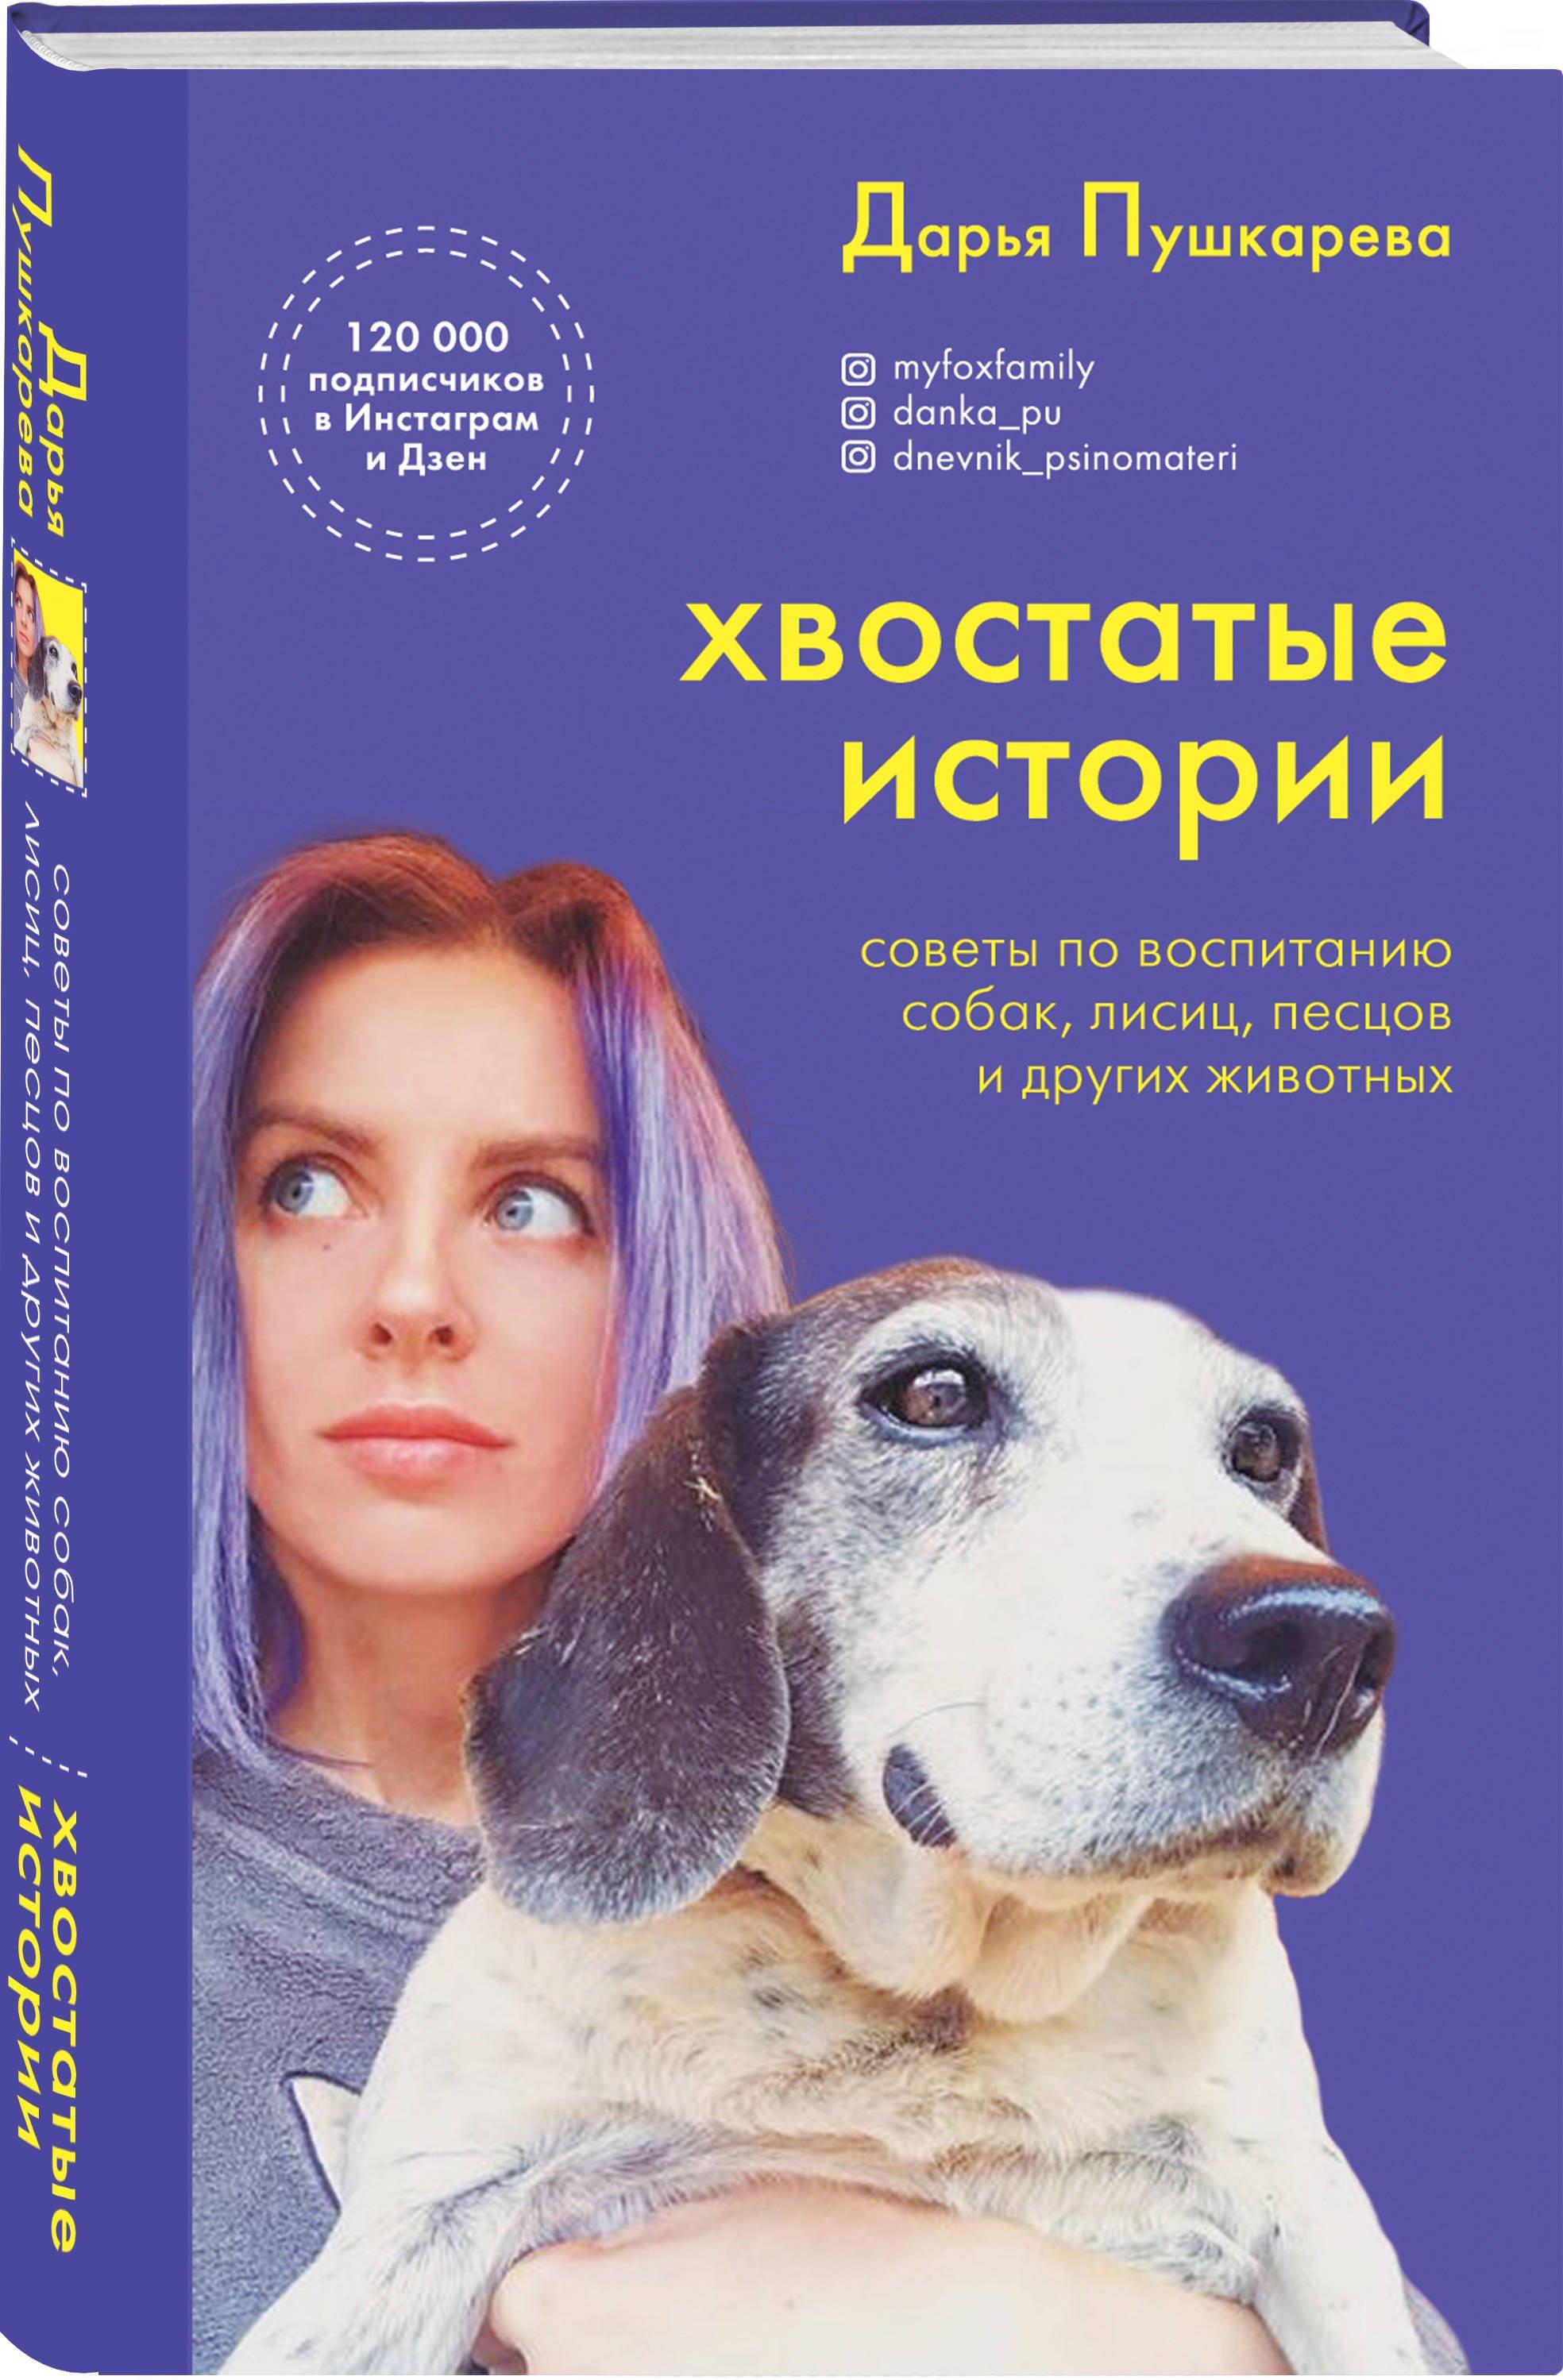 Хвостатые истории. Советы по воспитанию собак, лисиц, песцов и других животных (с автографом) ( Дарья Пушкарева  )